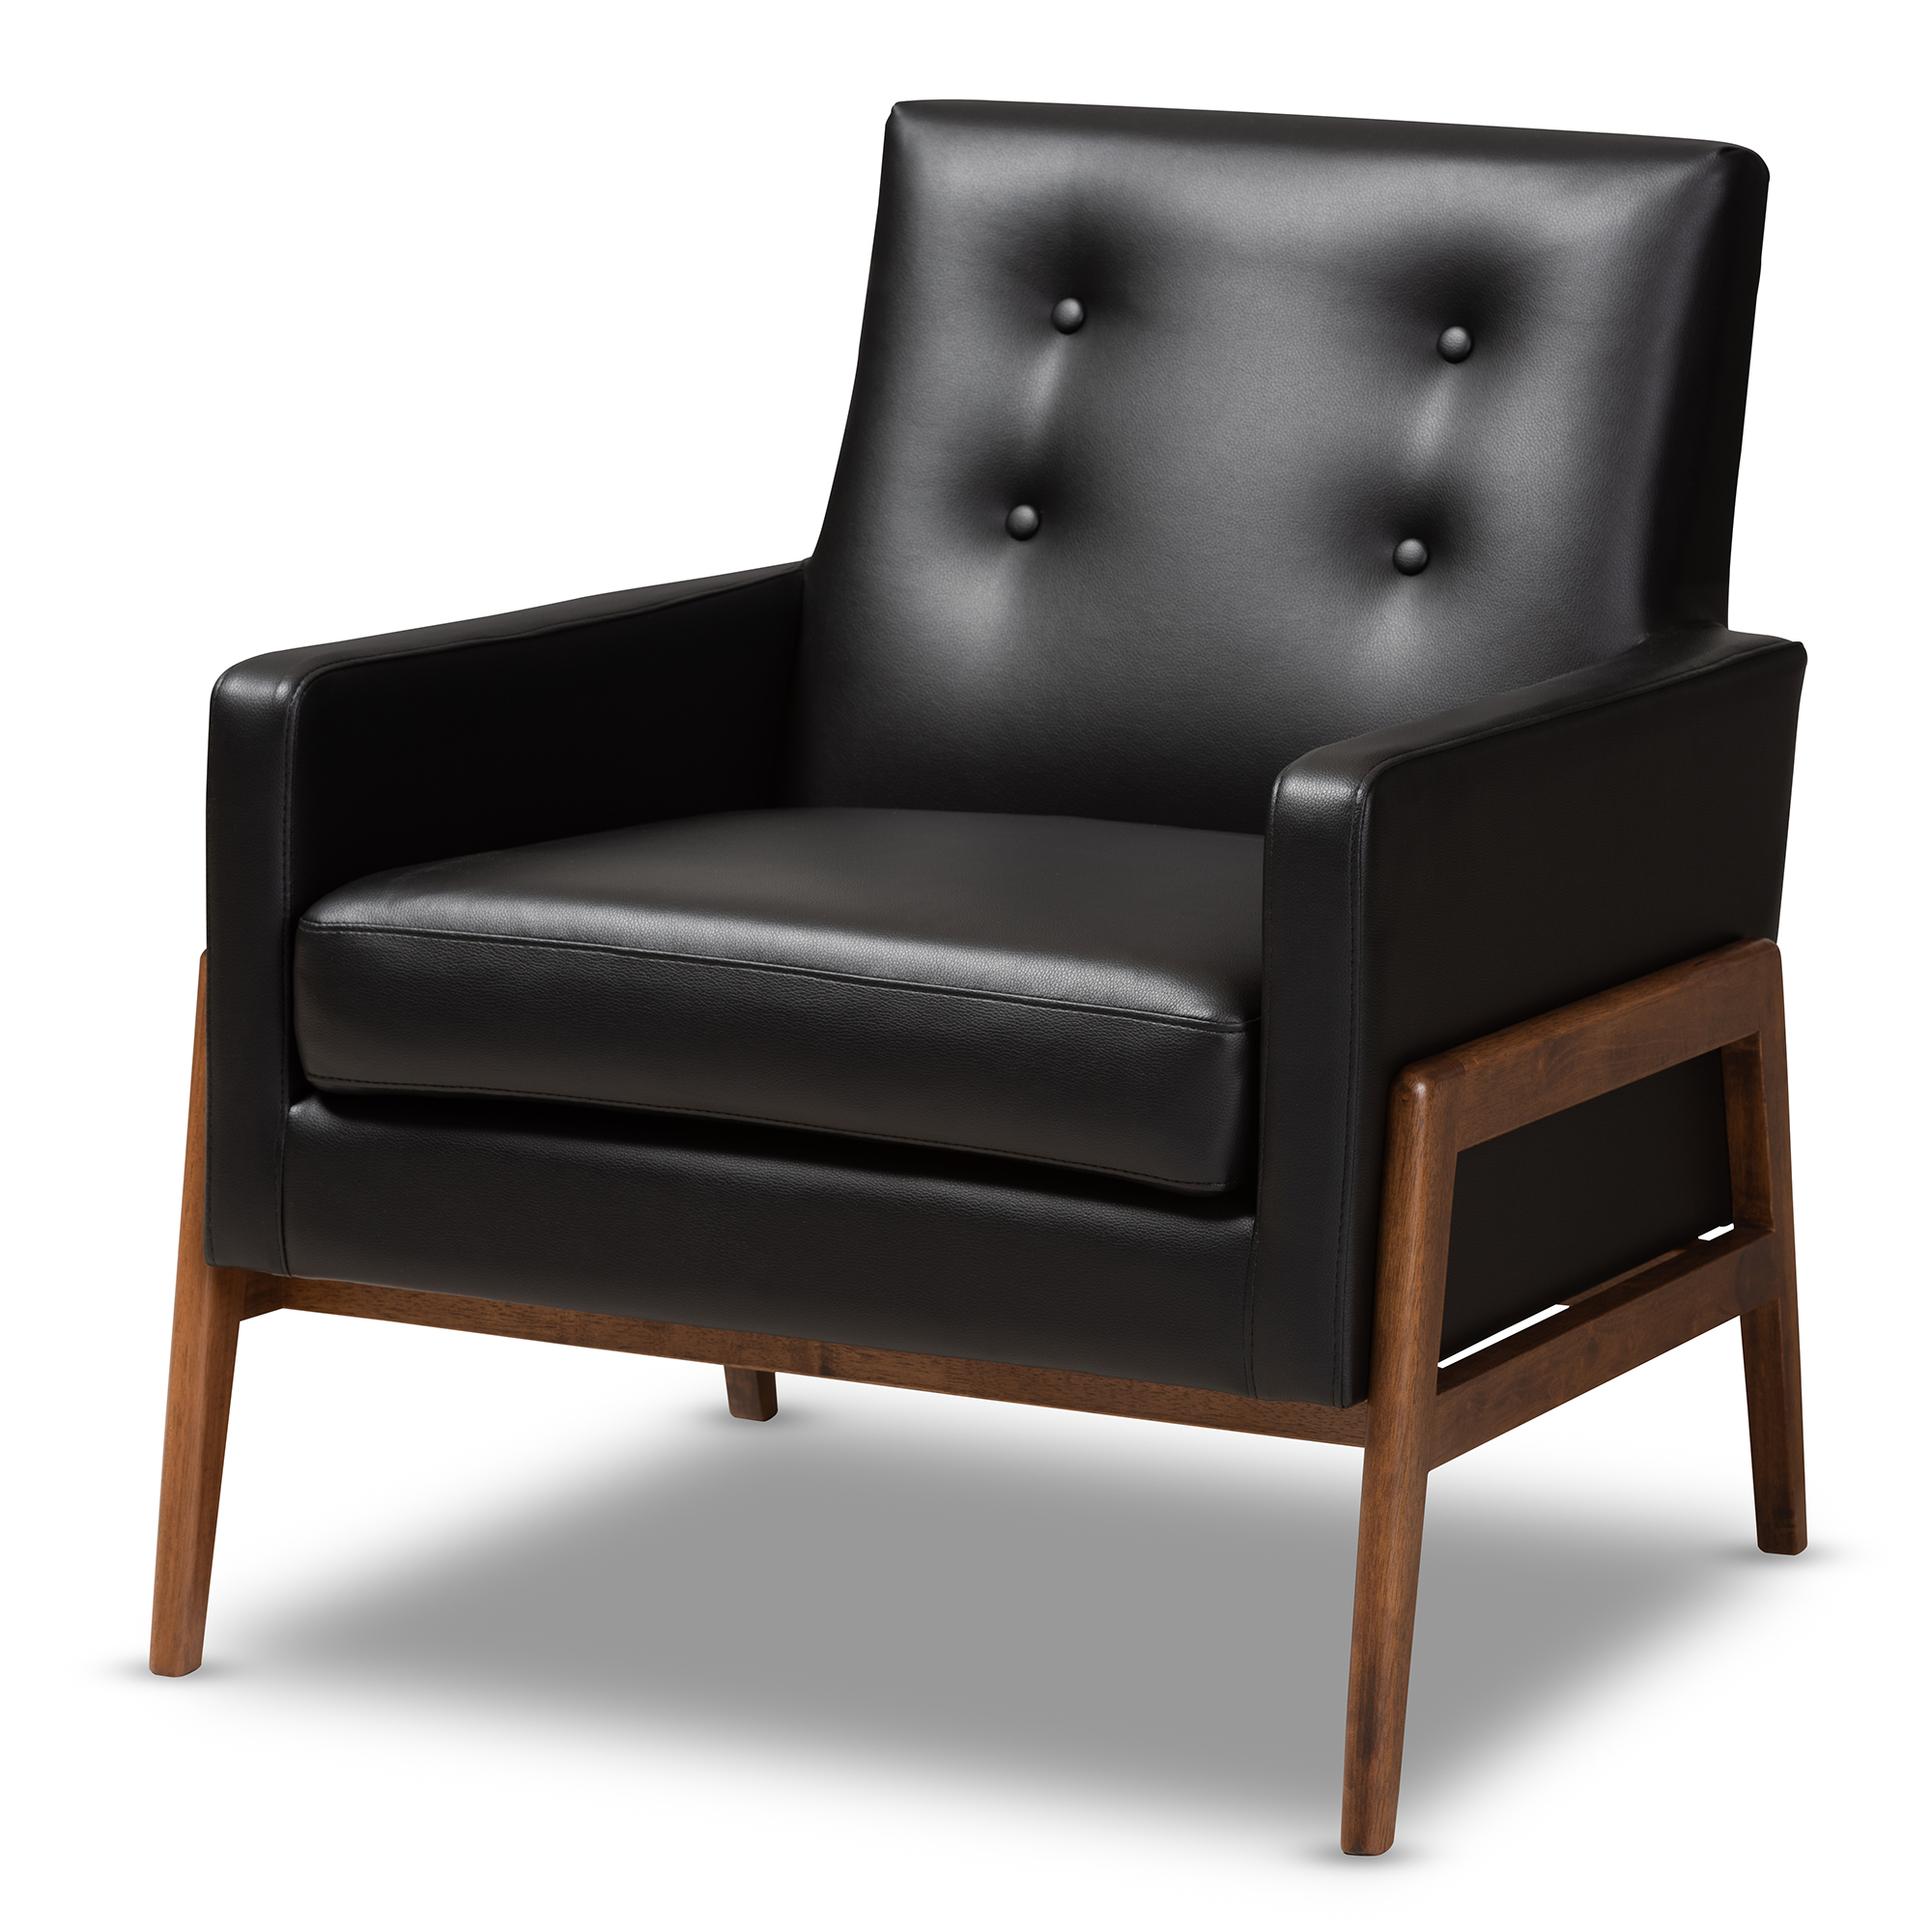 Terrific Baxton Studio Perris Mid Century Modern Black Faux Leather Inzonedesignstudio Interior Chair Design Inzonedesignstudiocom